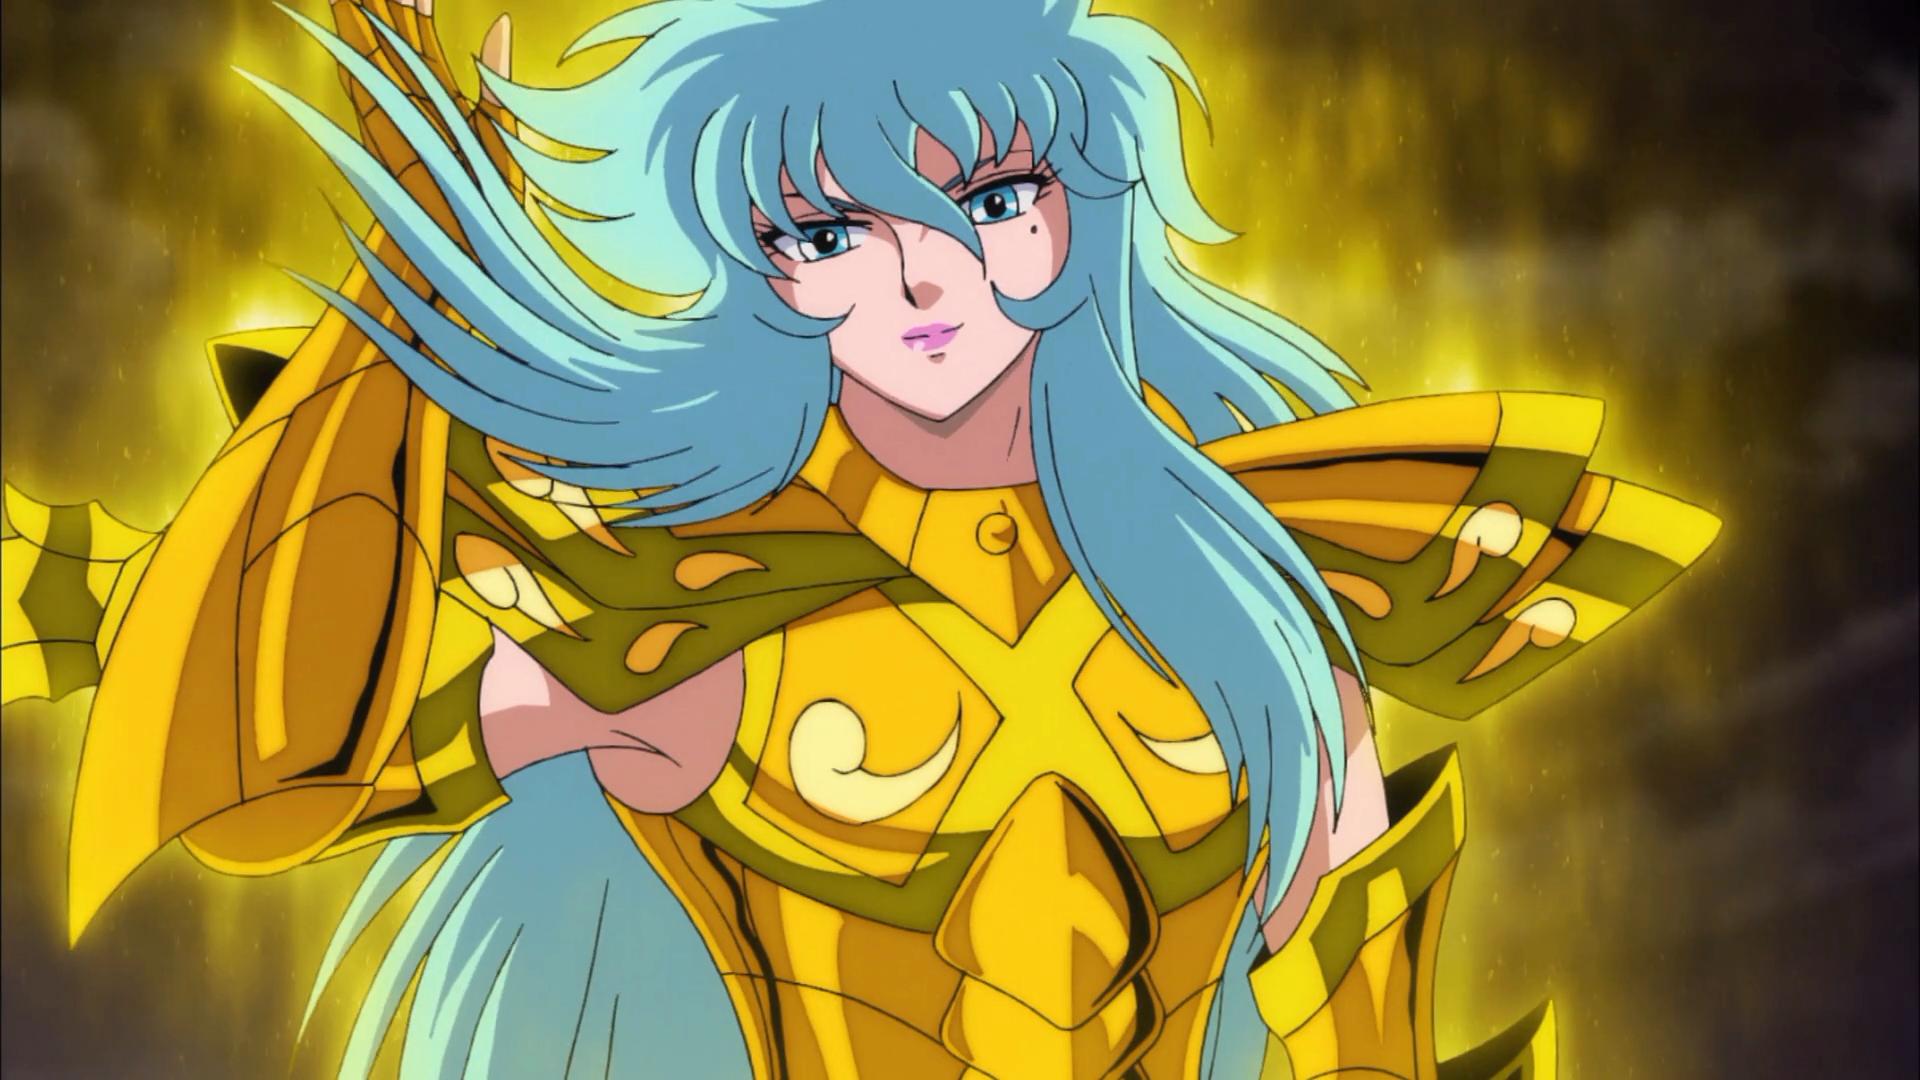 Ainda é a armadura normal, mas Afrodite já está divino nesse episódio